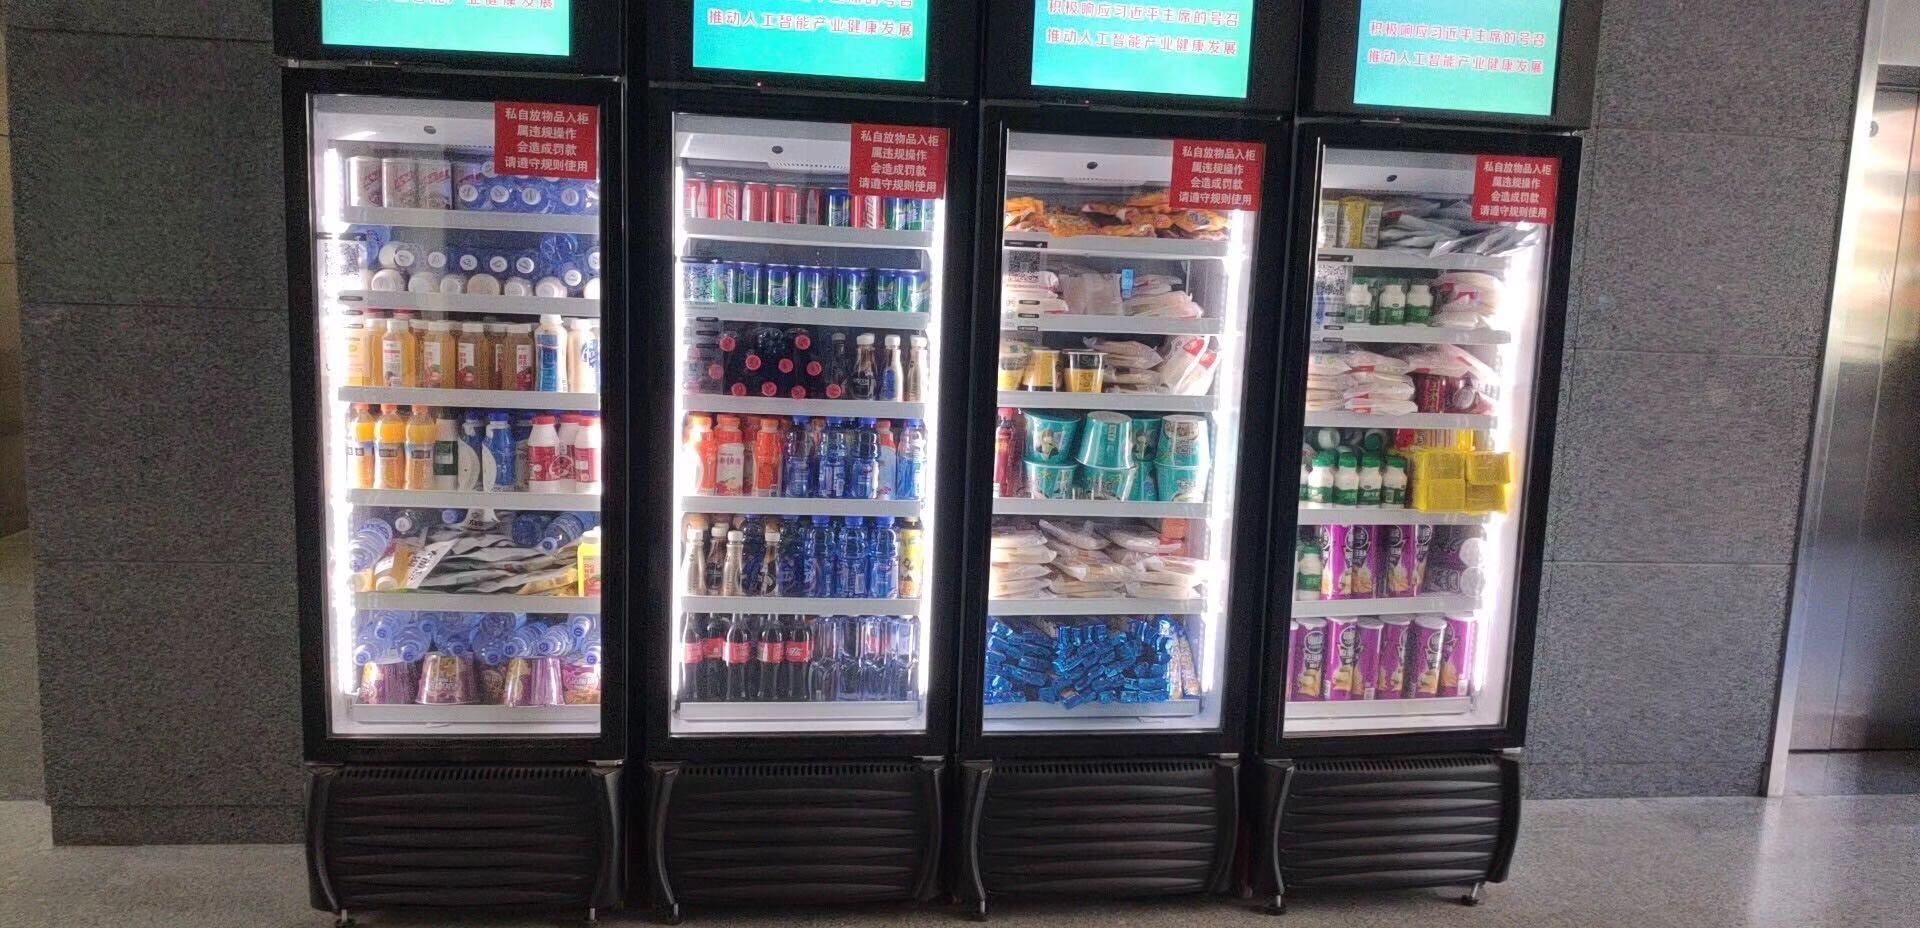 无接触购物自动售货机减少病毒感染